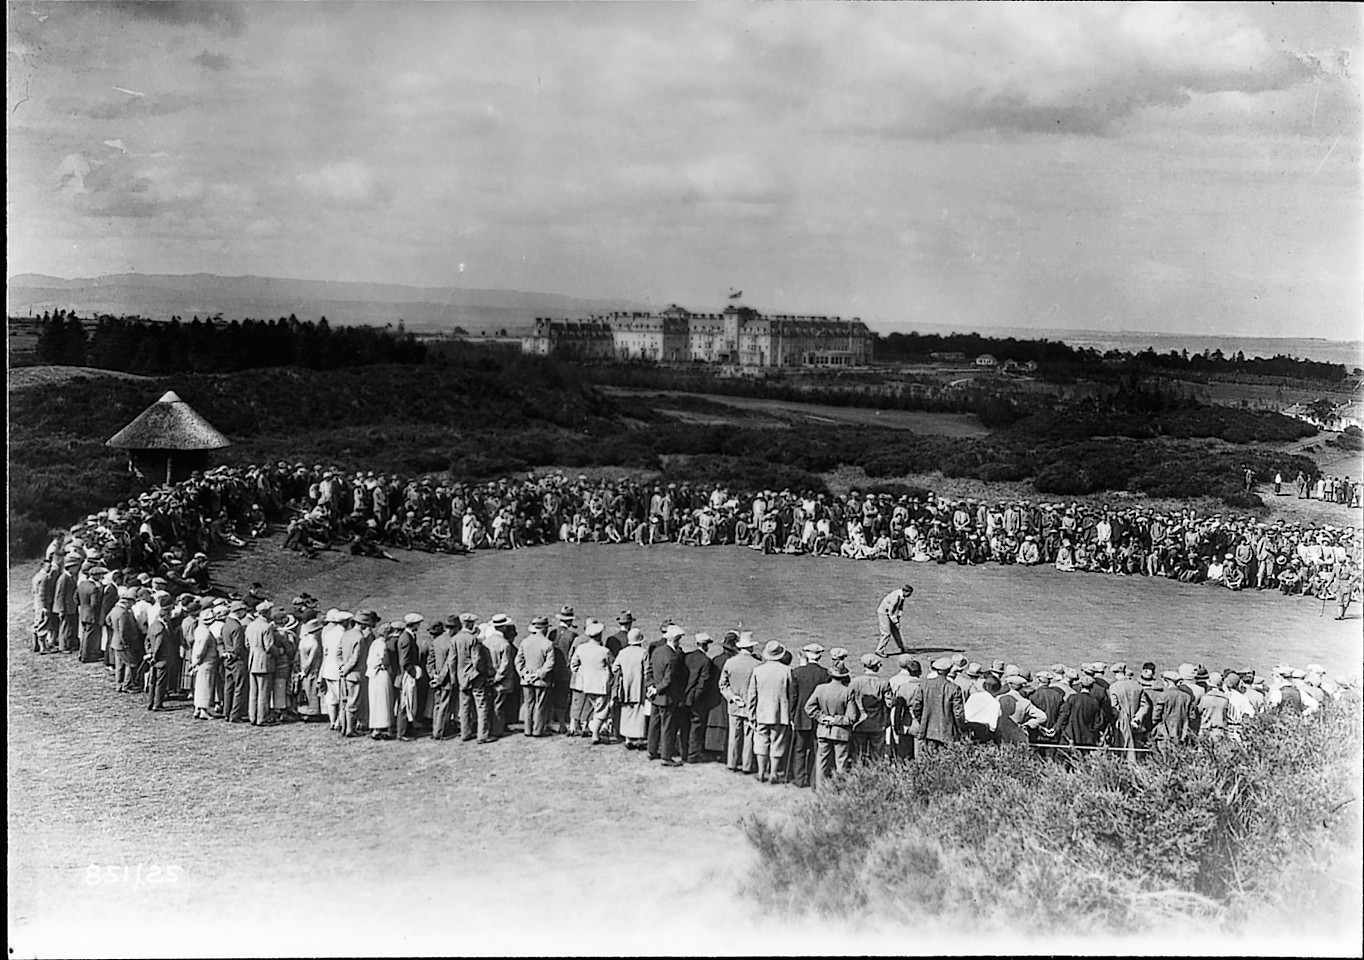 Golf at Gleneagles gets underway, 1924